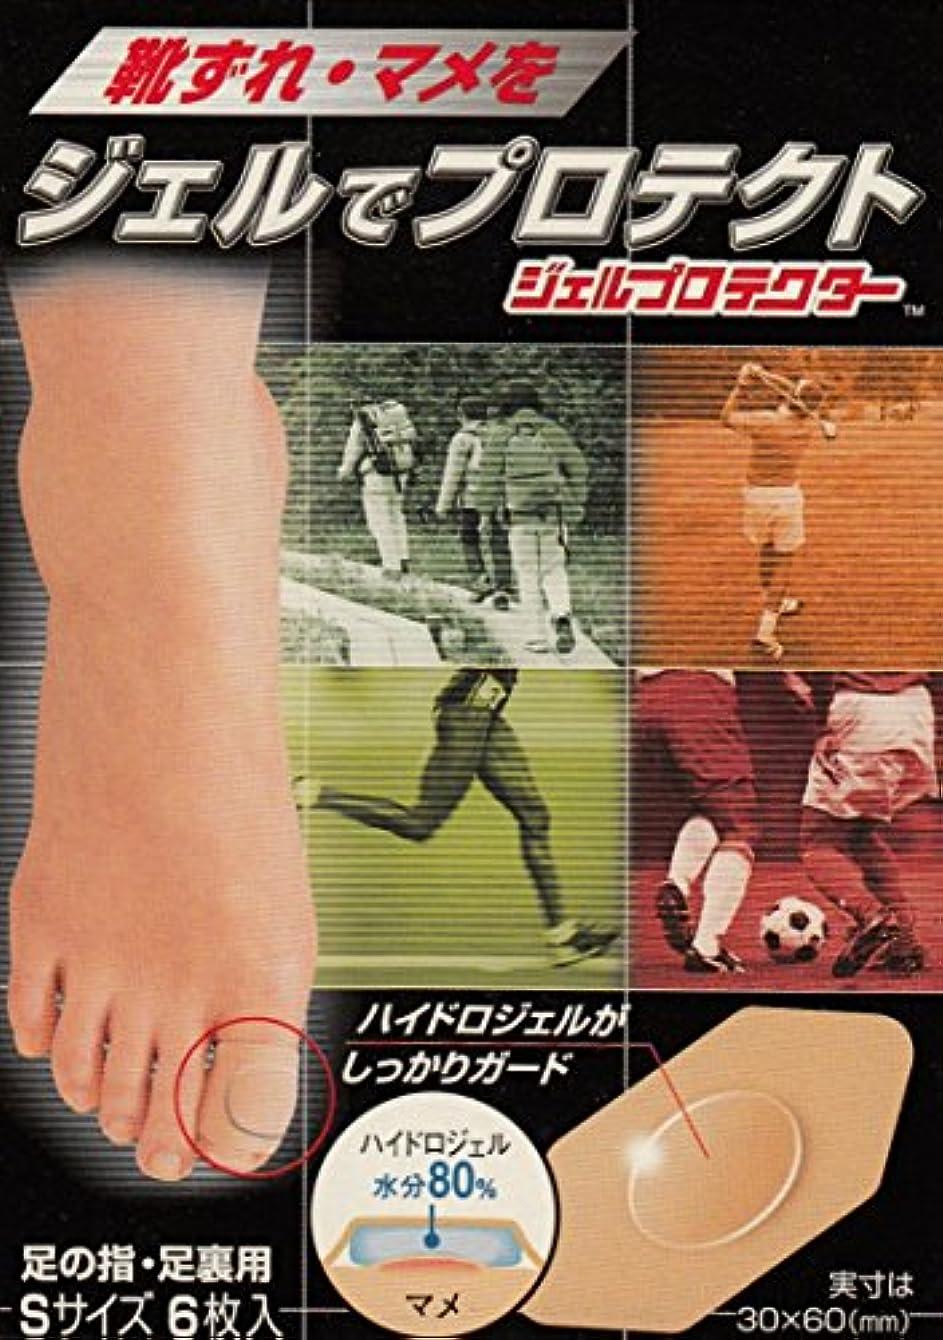 ハント表面的な公【ニチバン】バトルウィン ジェルプロテクター 足の指?足裏用 Sサイズ6枚 ×5個セット